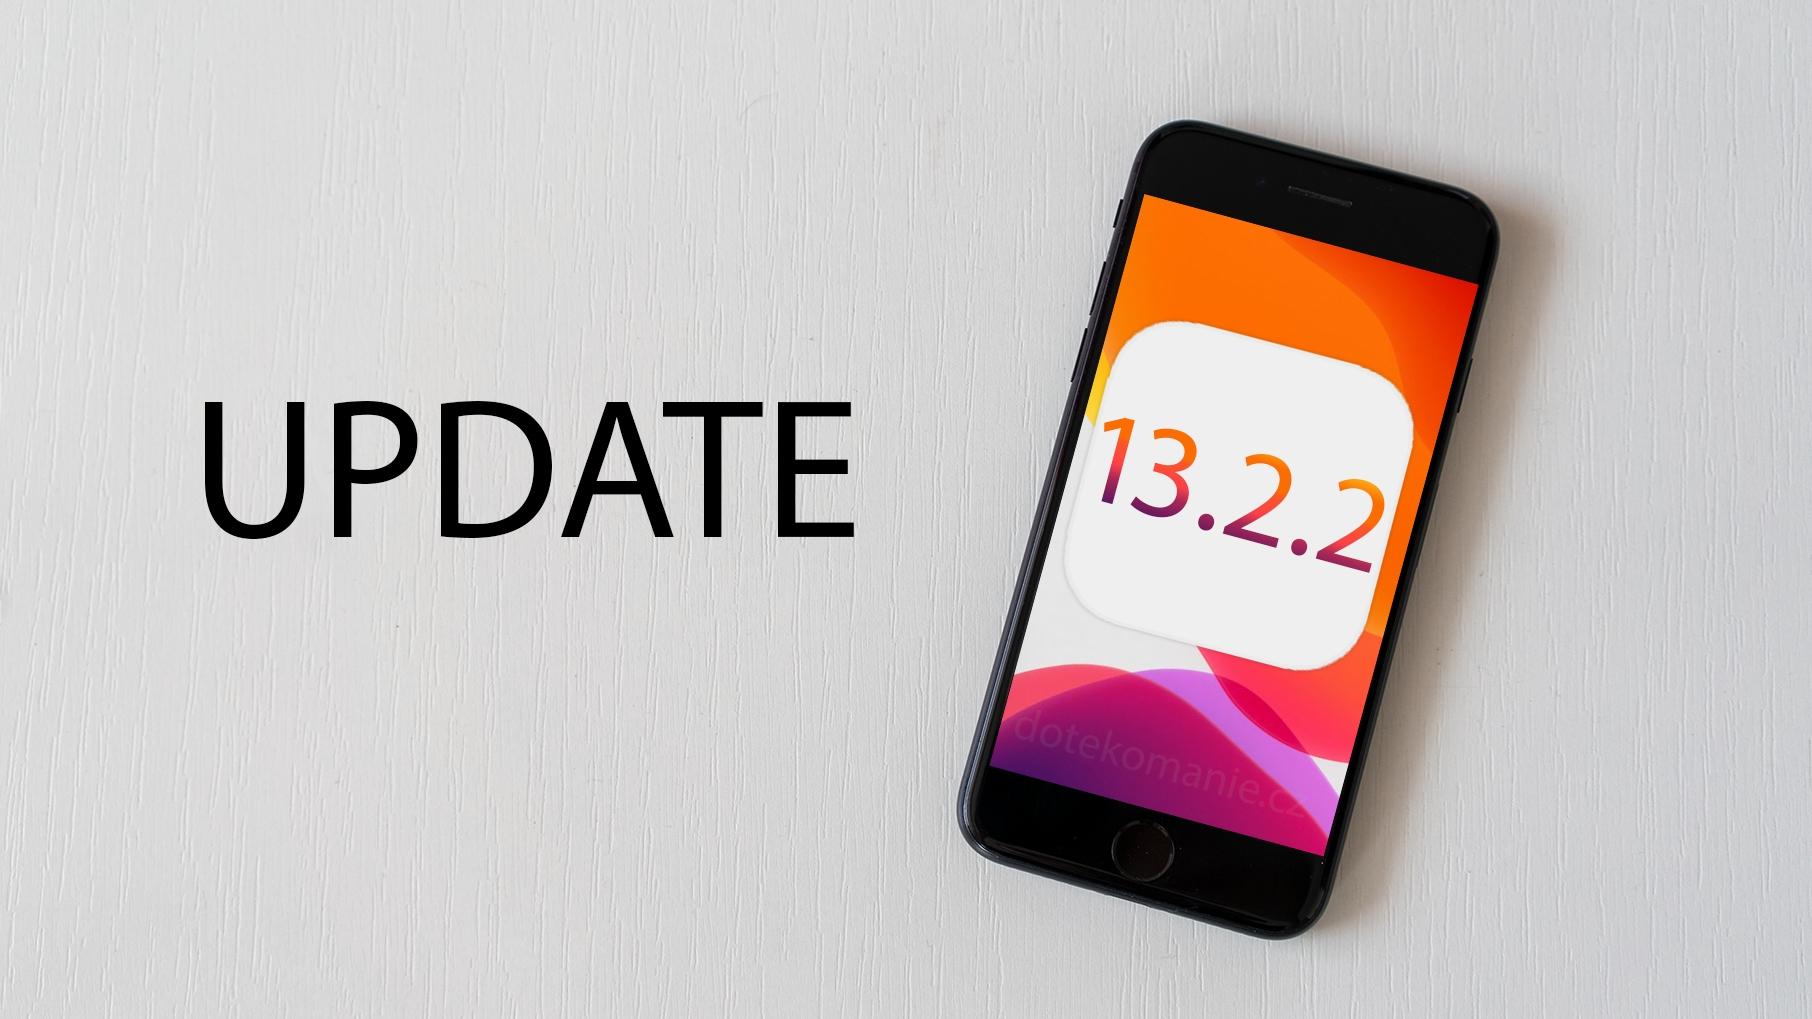 Apple právě vydal iOS 13.2.2 opravující problémy s RAM